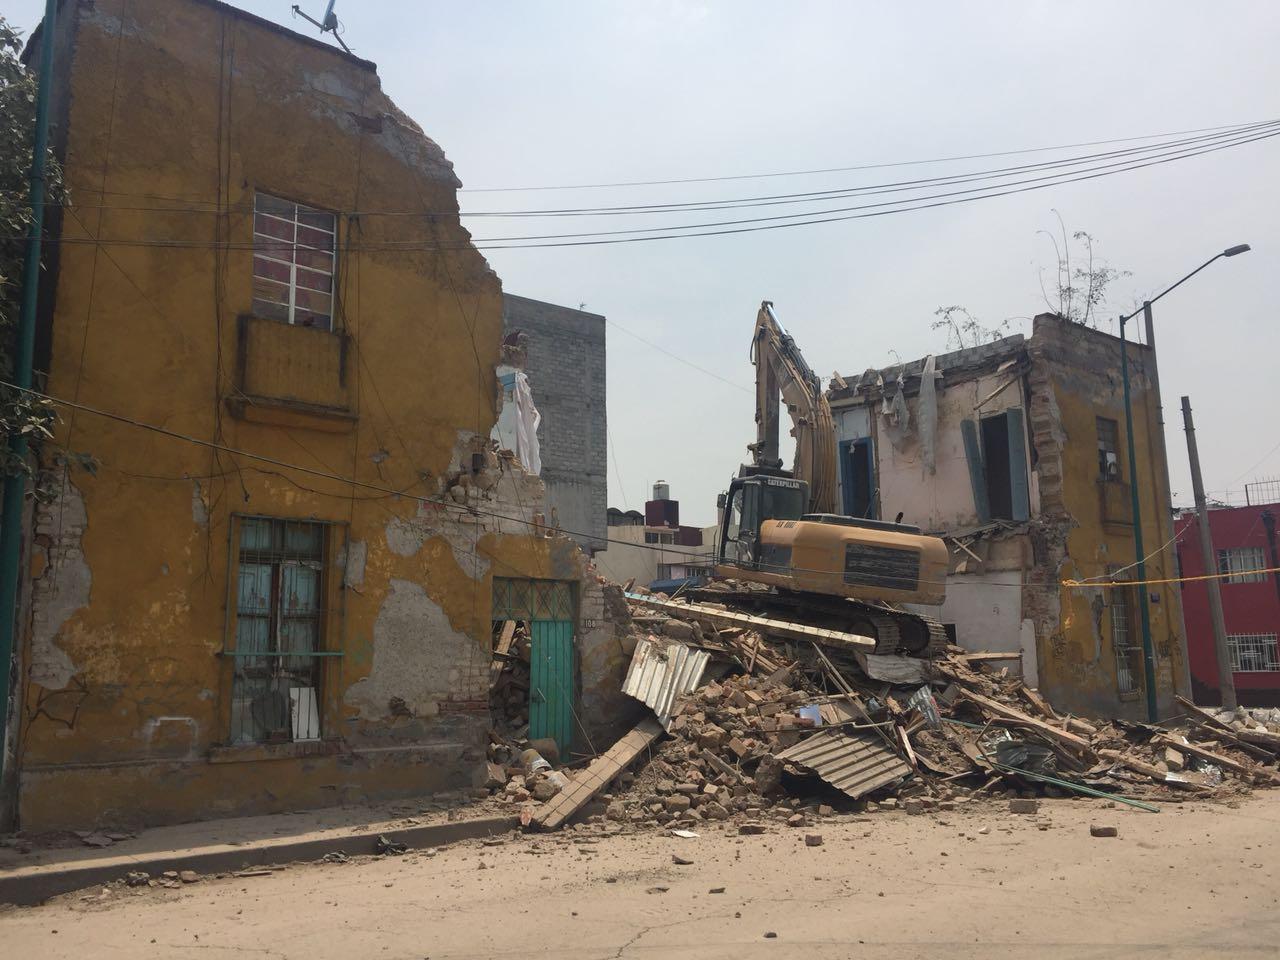 Concluyeron demolición de dos inmuebles en Cuauhtémoc